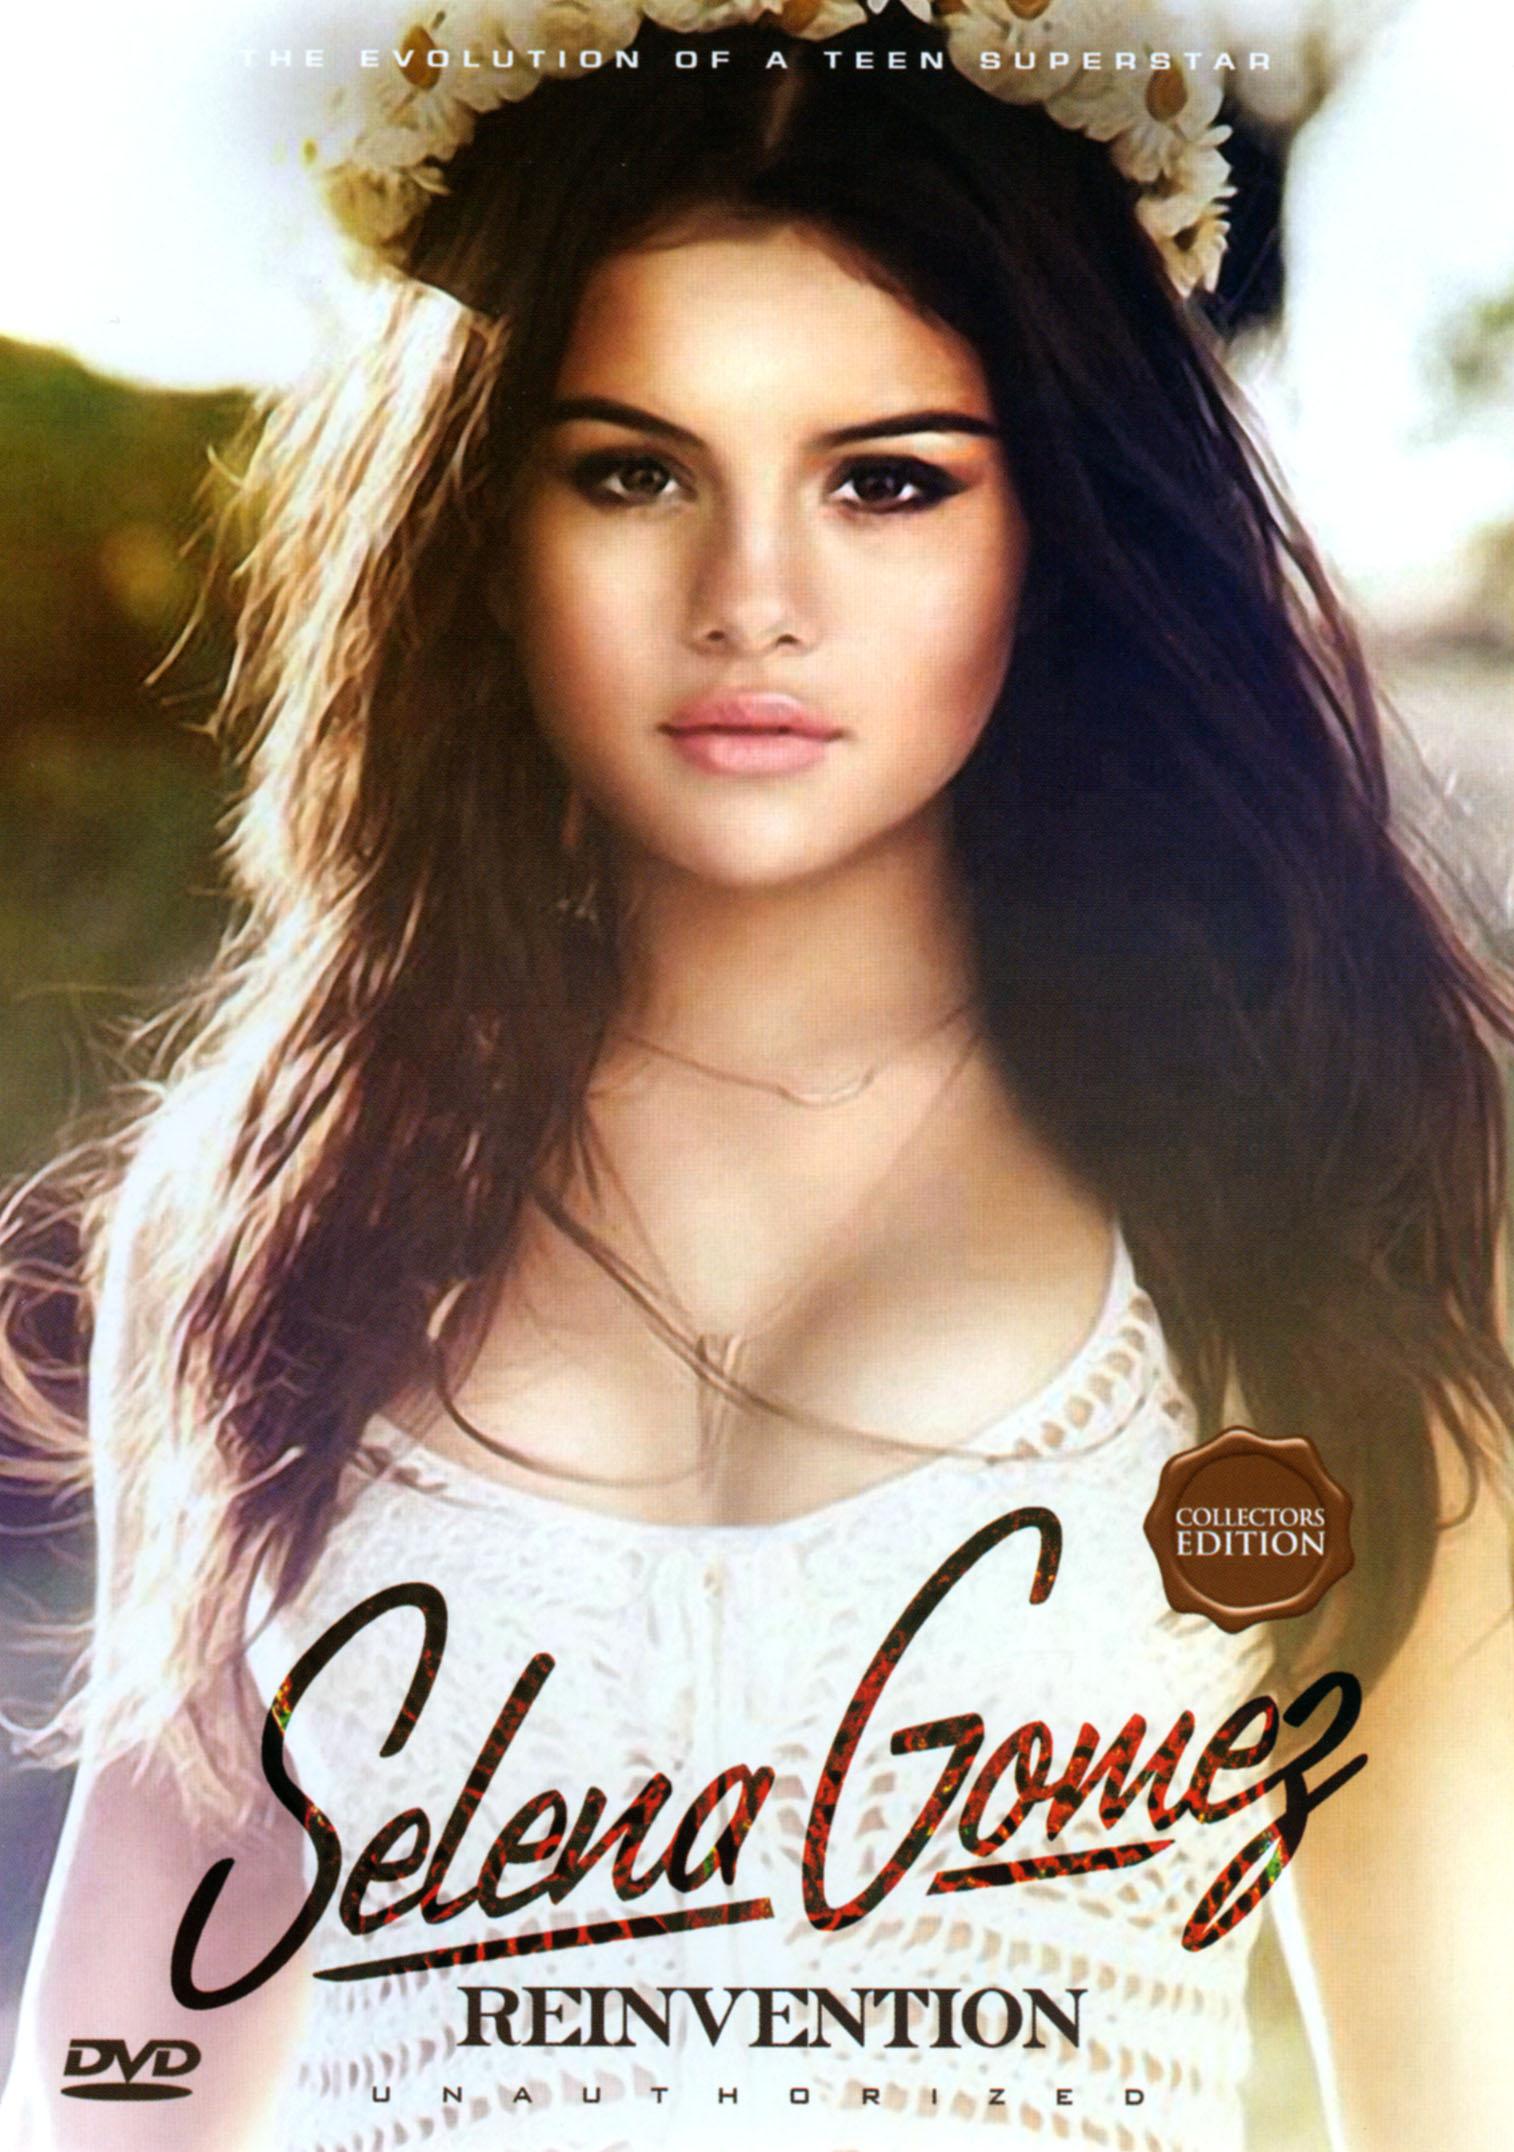 Selena Gomez: Reinvention - Unauthorized